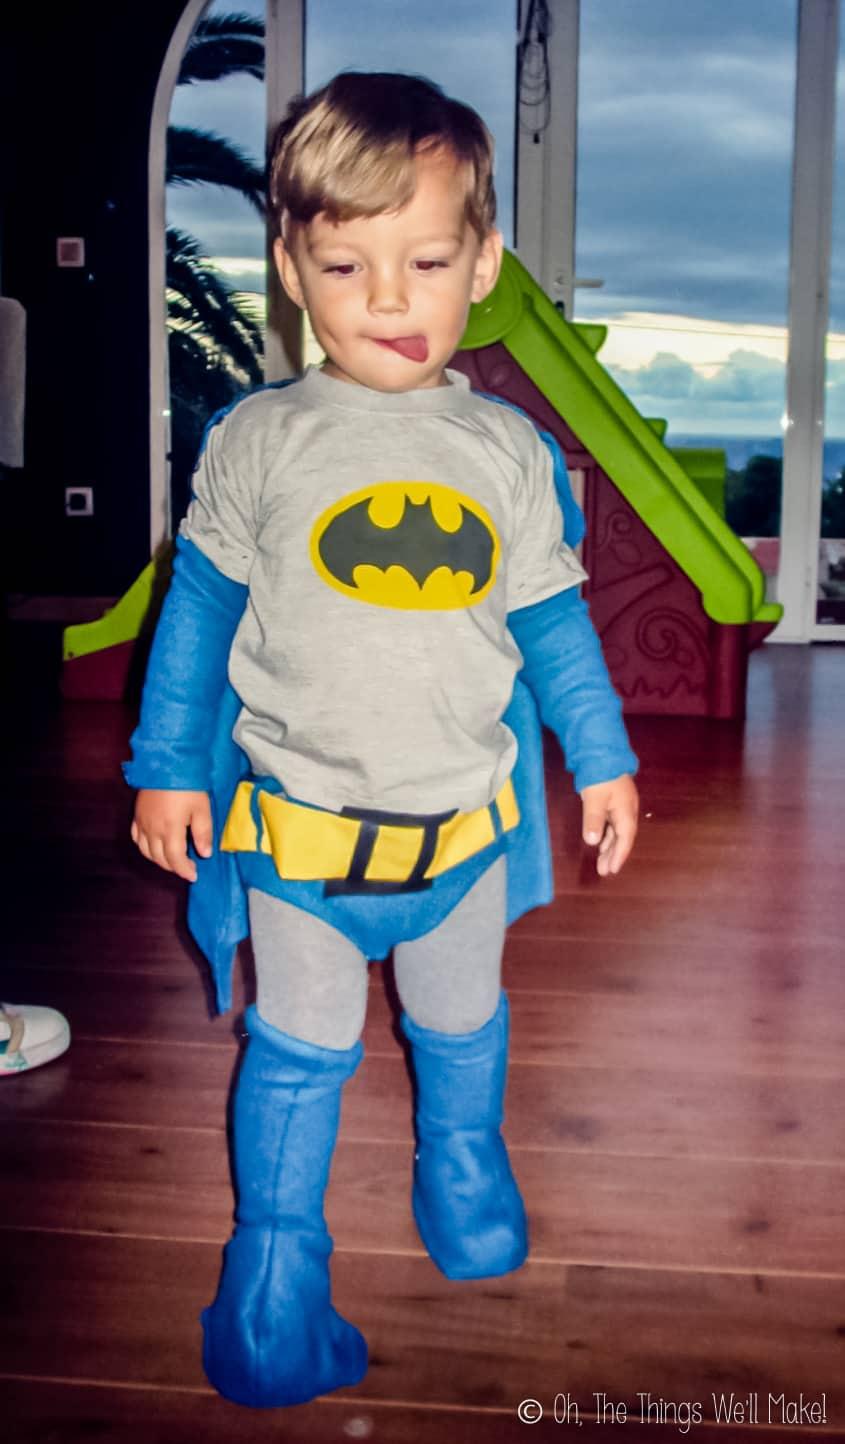 A boy wearing a homemade Batman costume